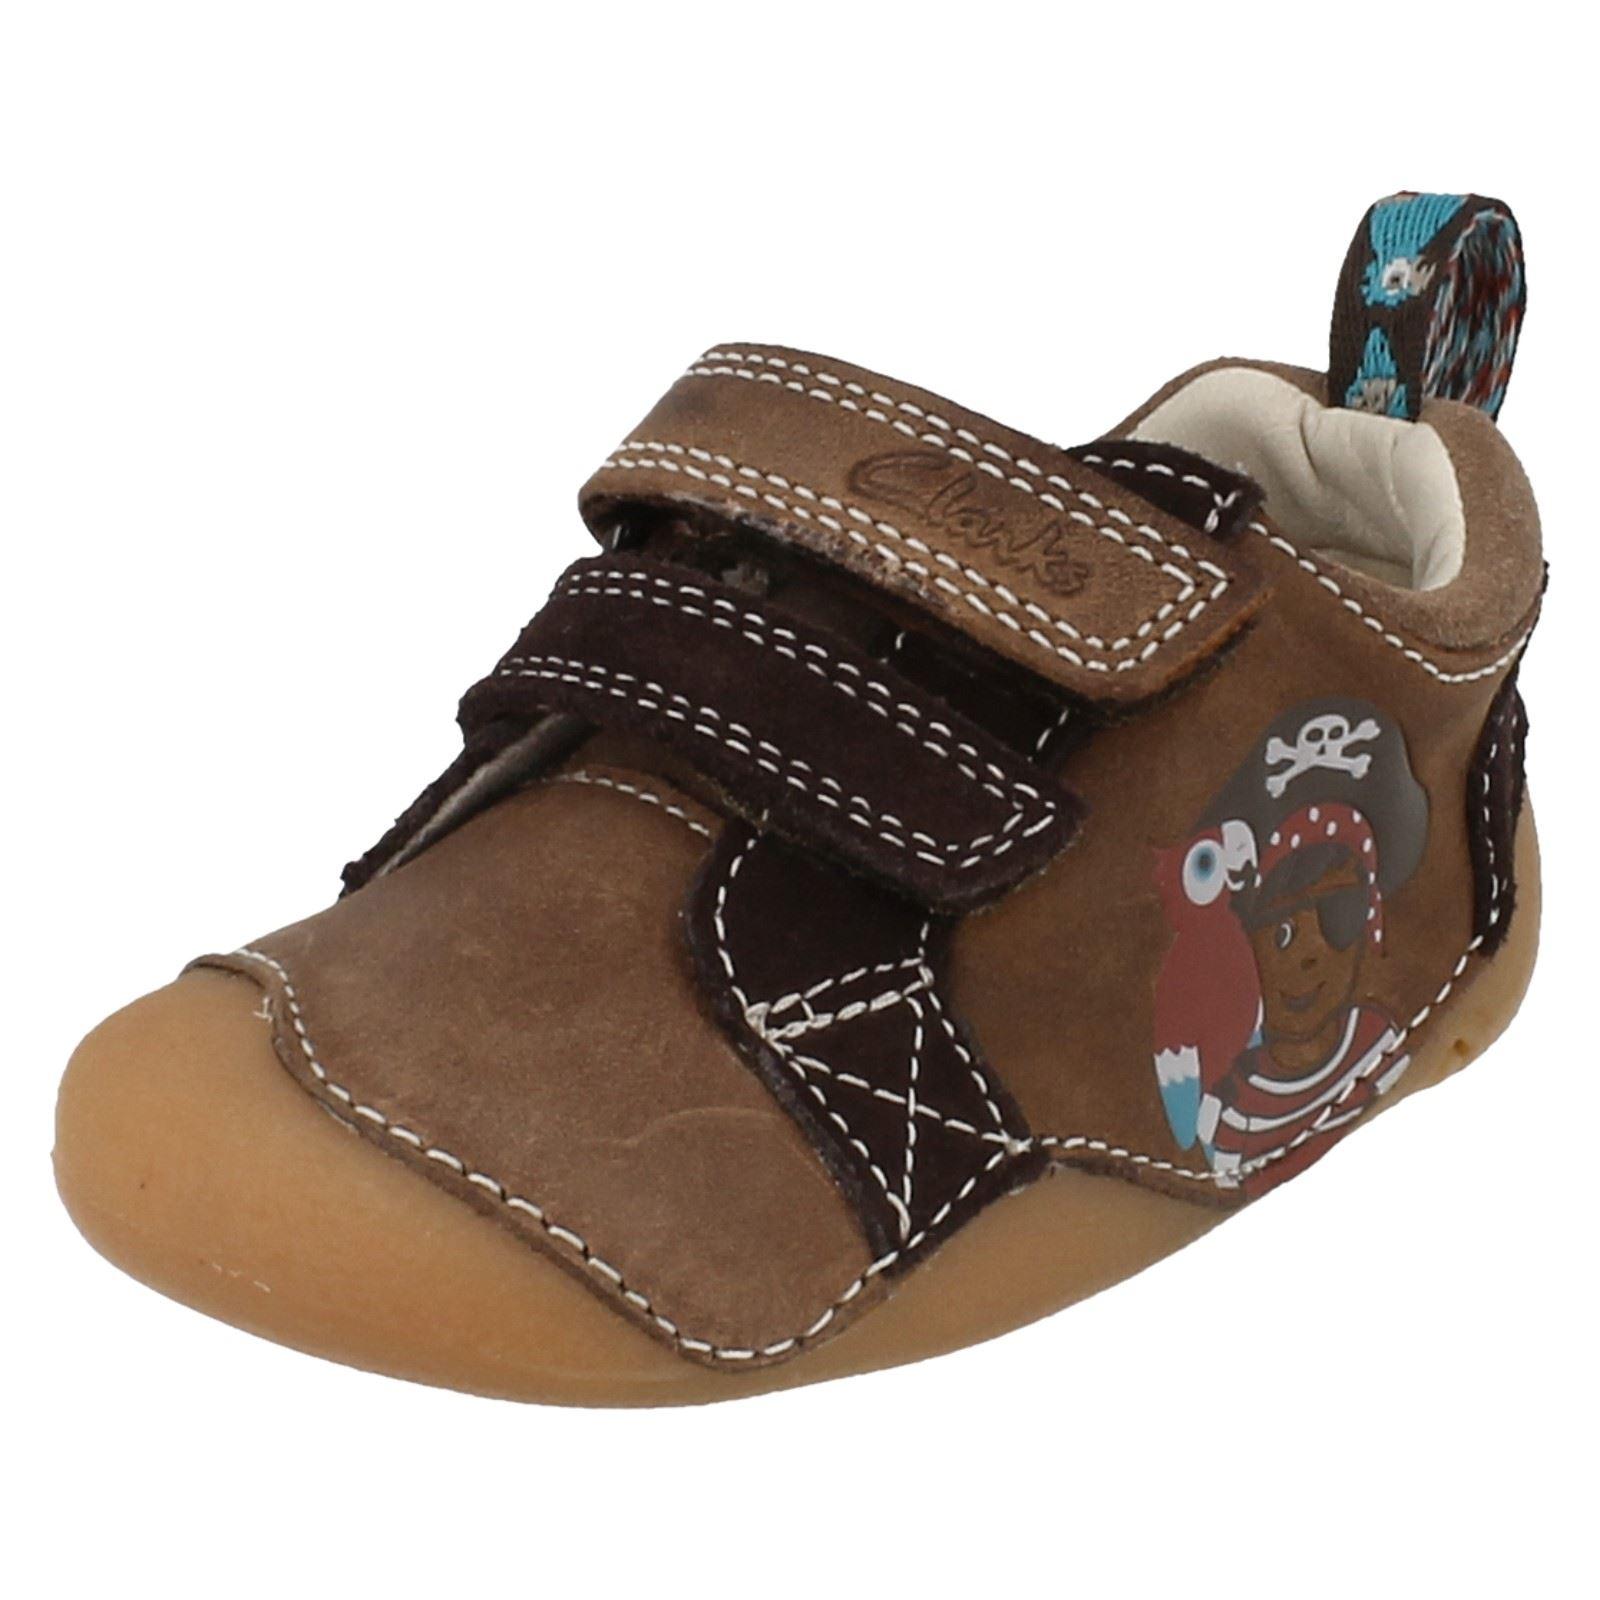 e2c8413b4 Niños Clarks gancho y lazo de sujeción zapatos de cuero de crucero -   Cruiser Mate